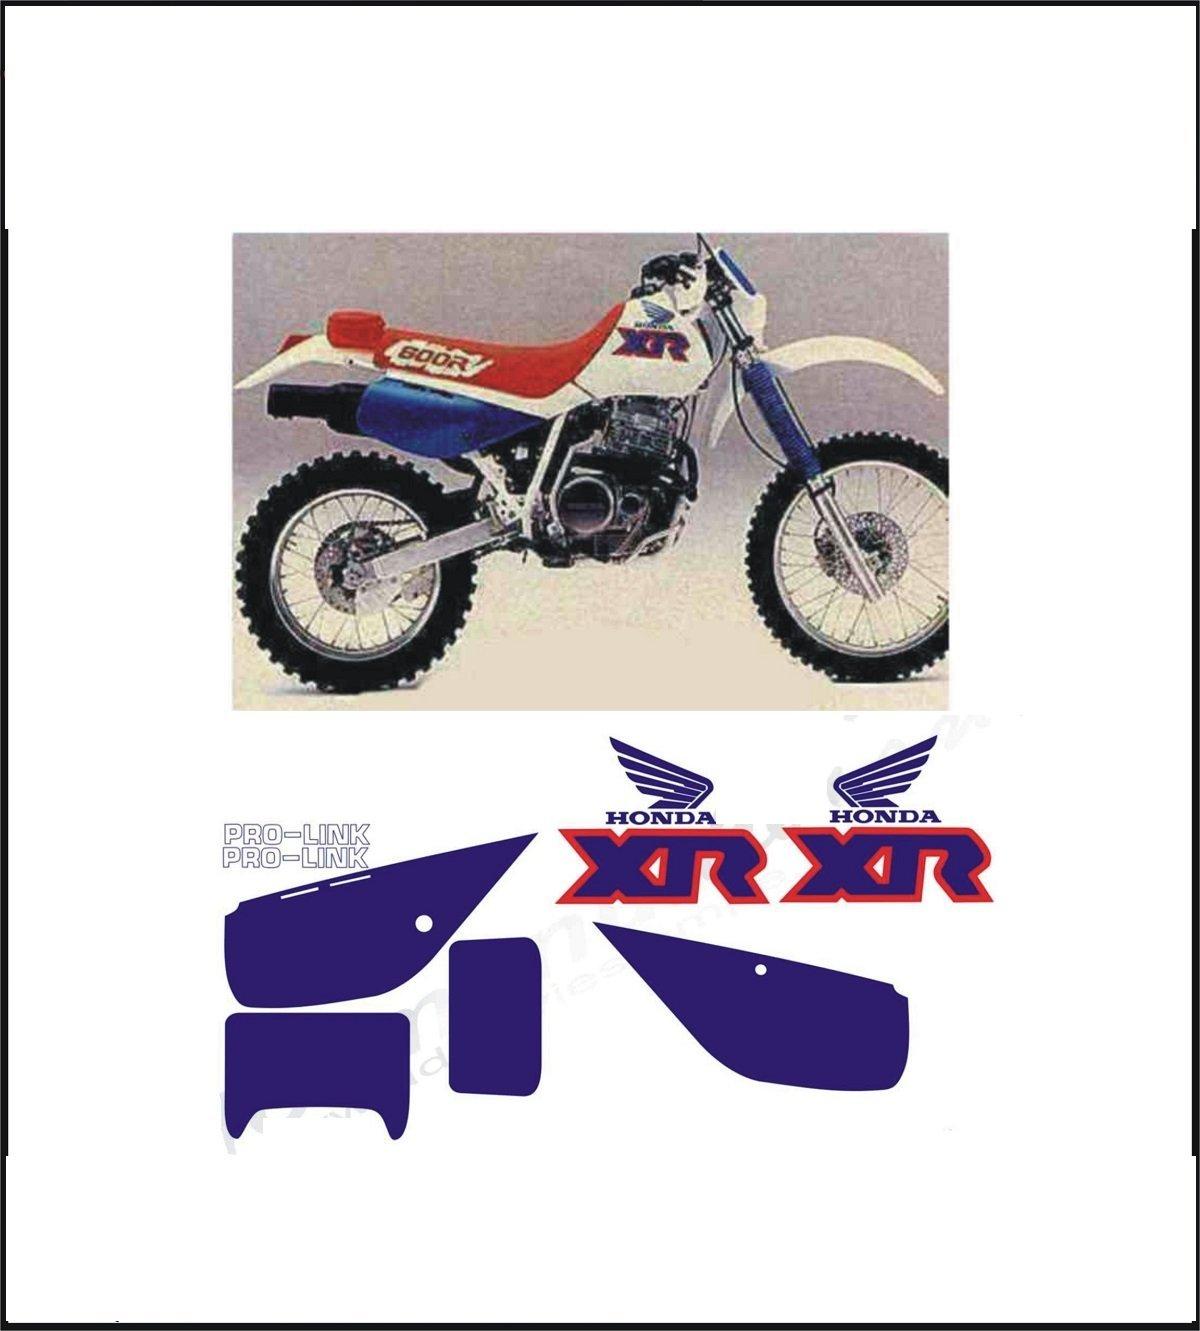 Kit adesivi decal stikers honda xr 600 r 1991